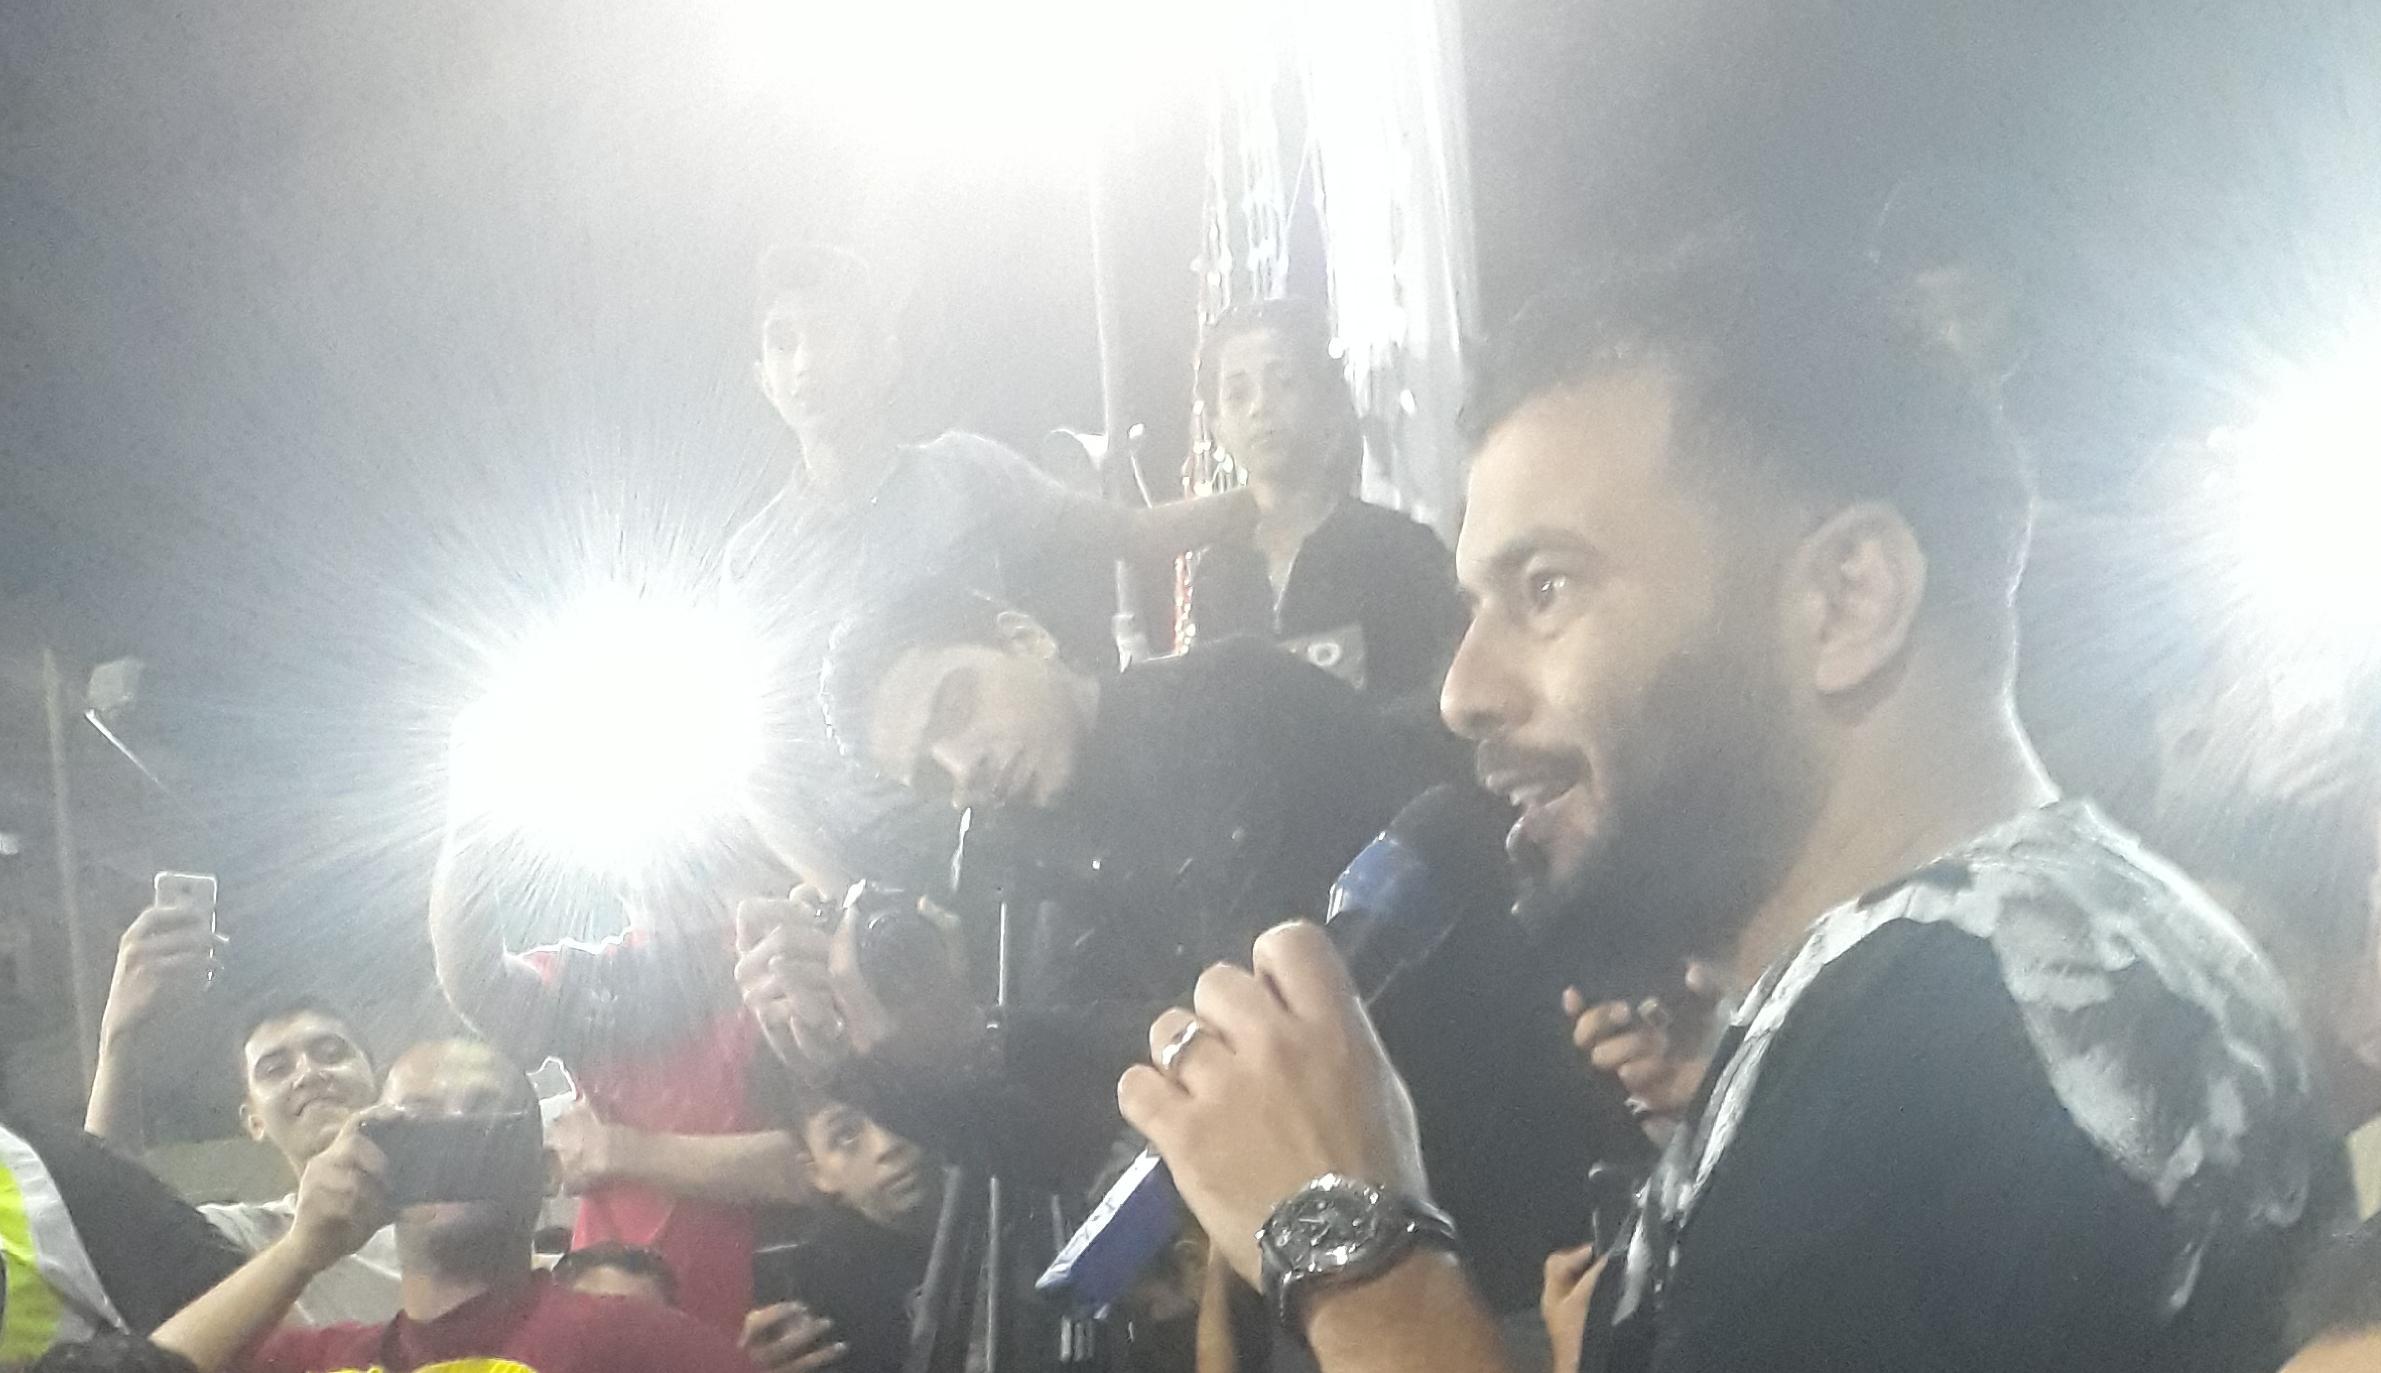 صورة عماد متعب يتوج الفائزين بالدورة الرمضانية بالشرقية